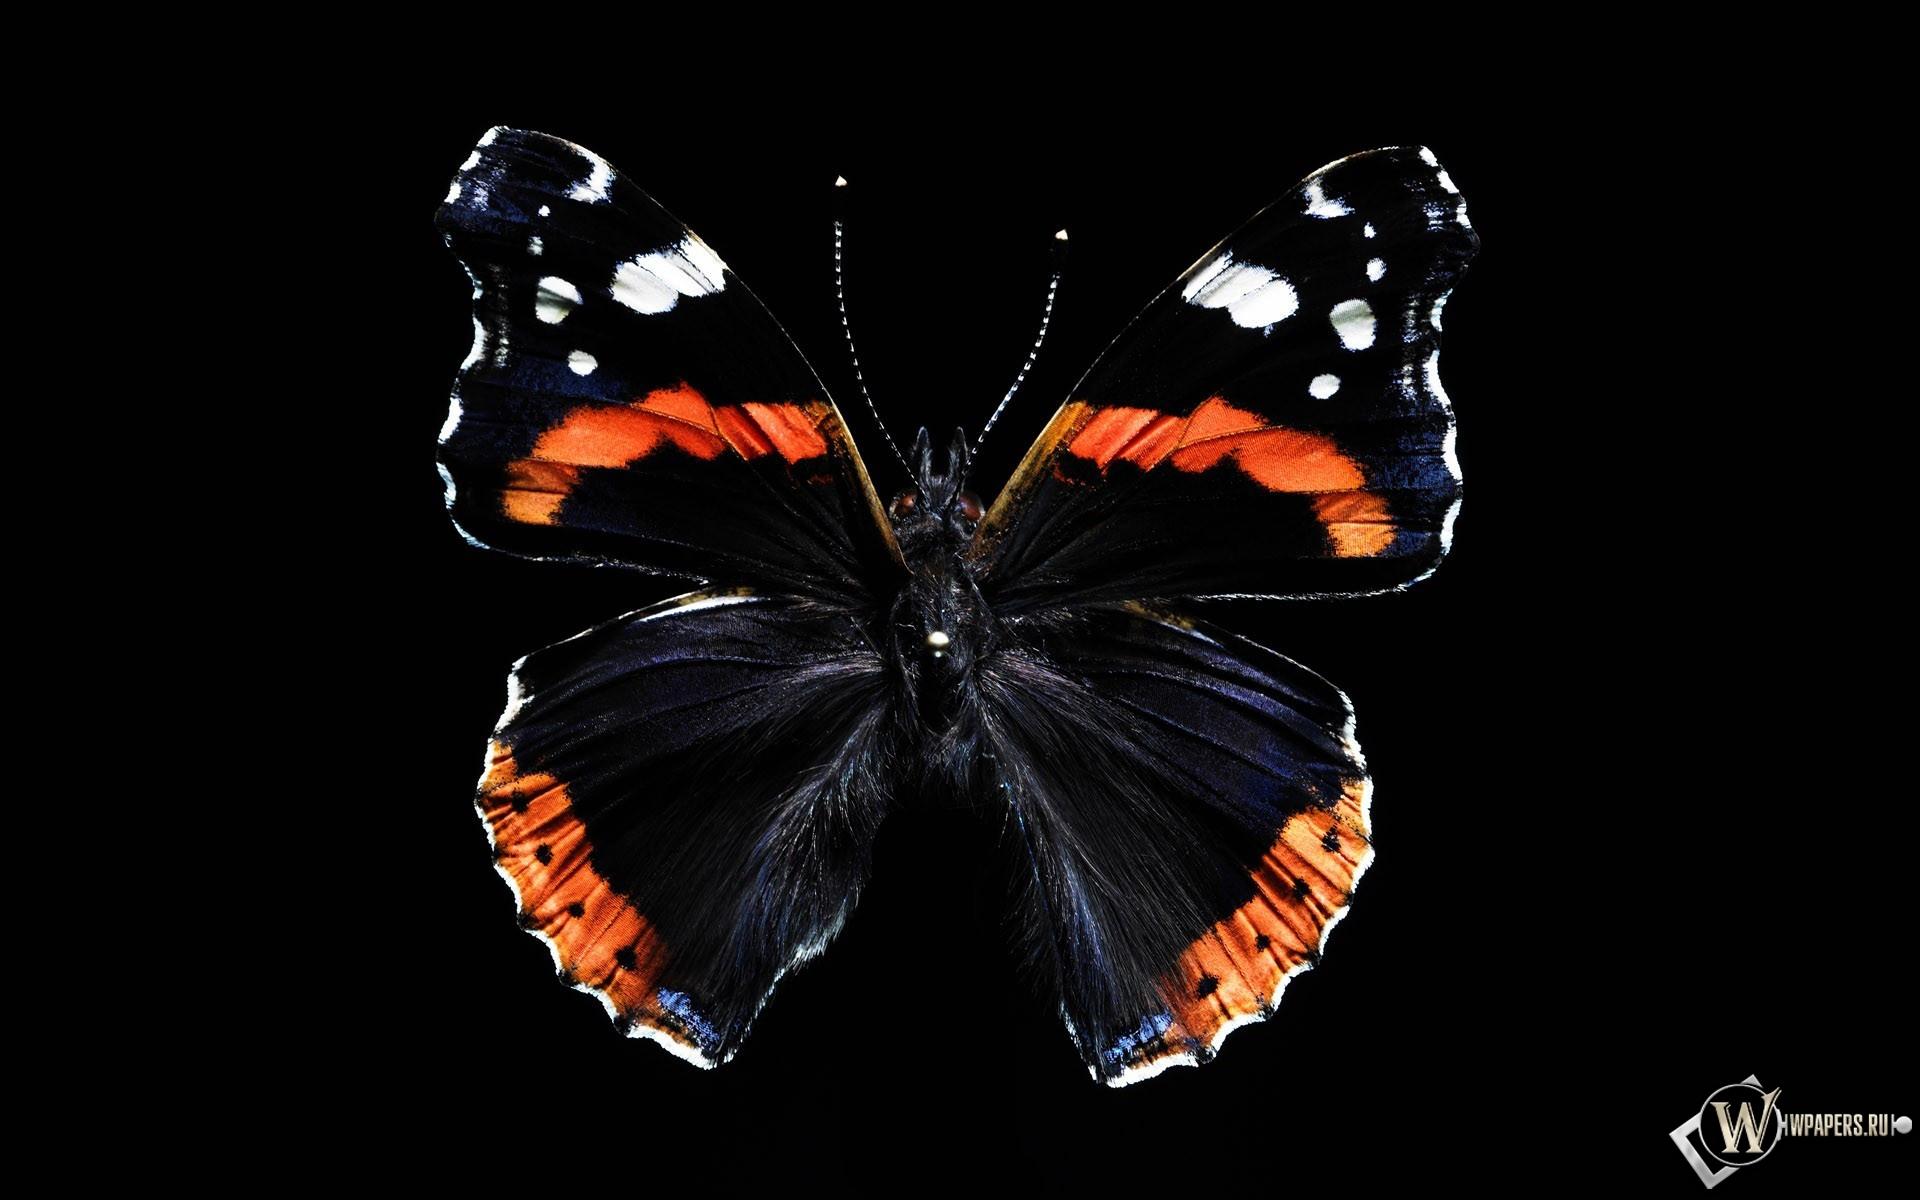 Бабочка 1920x1200